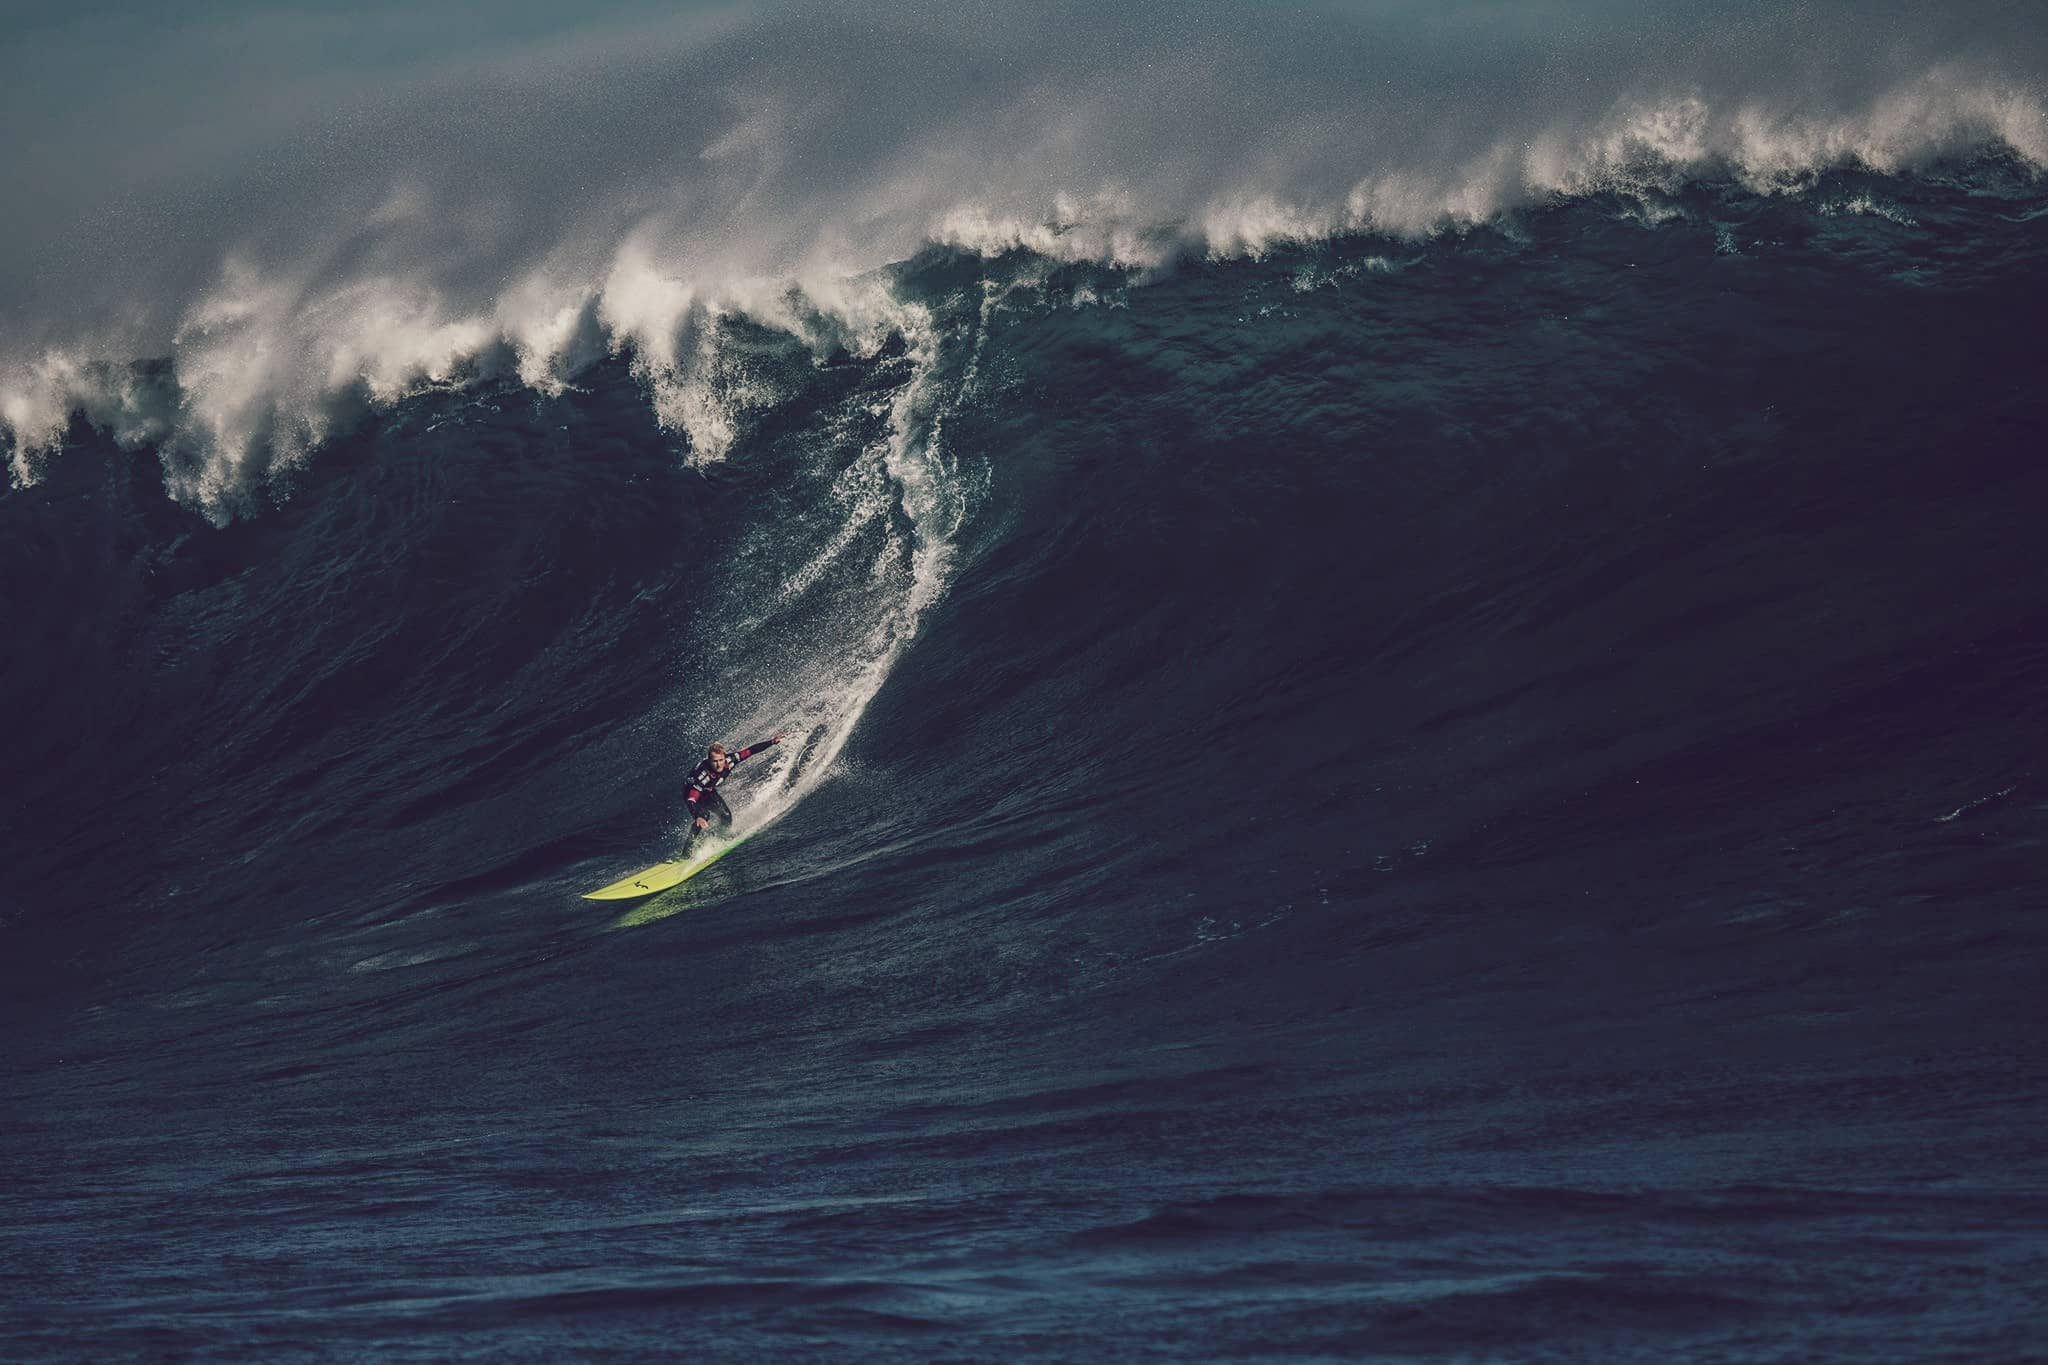 Todos Santos, la segunda ola más grande del mundo